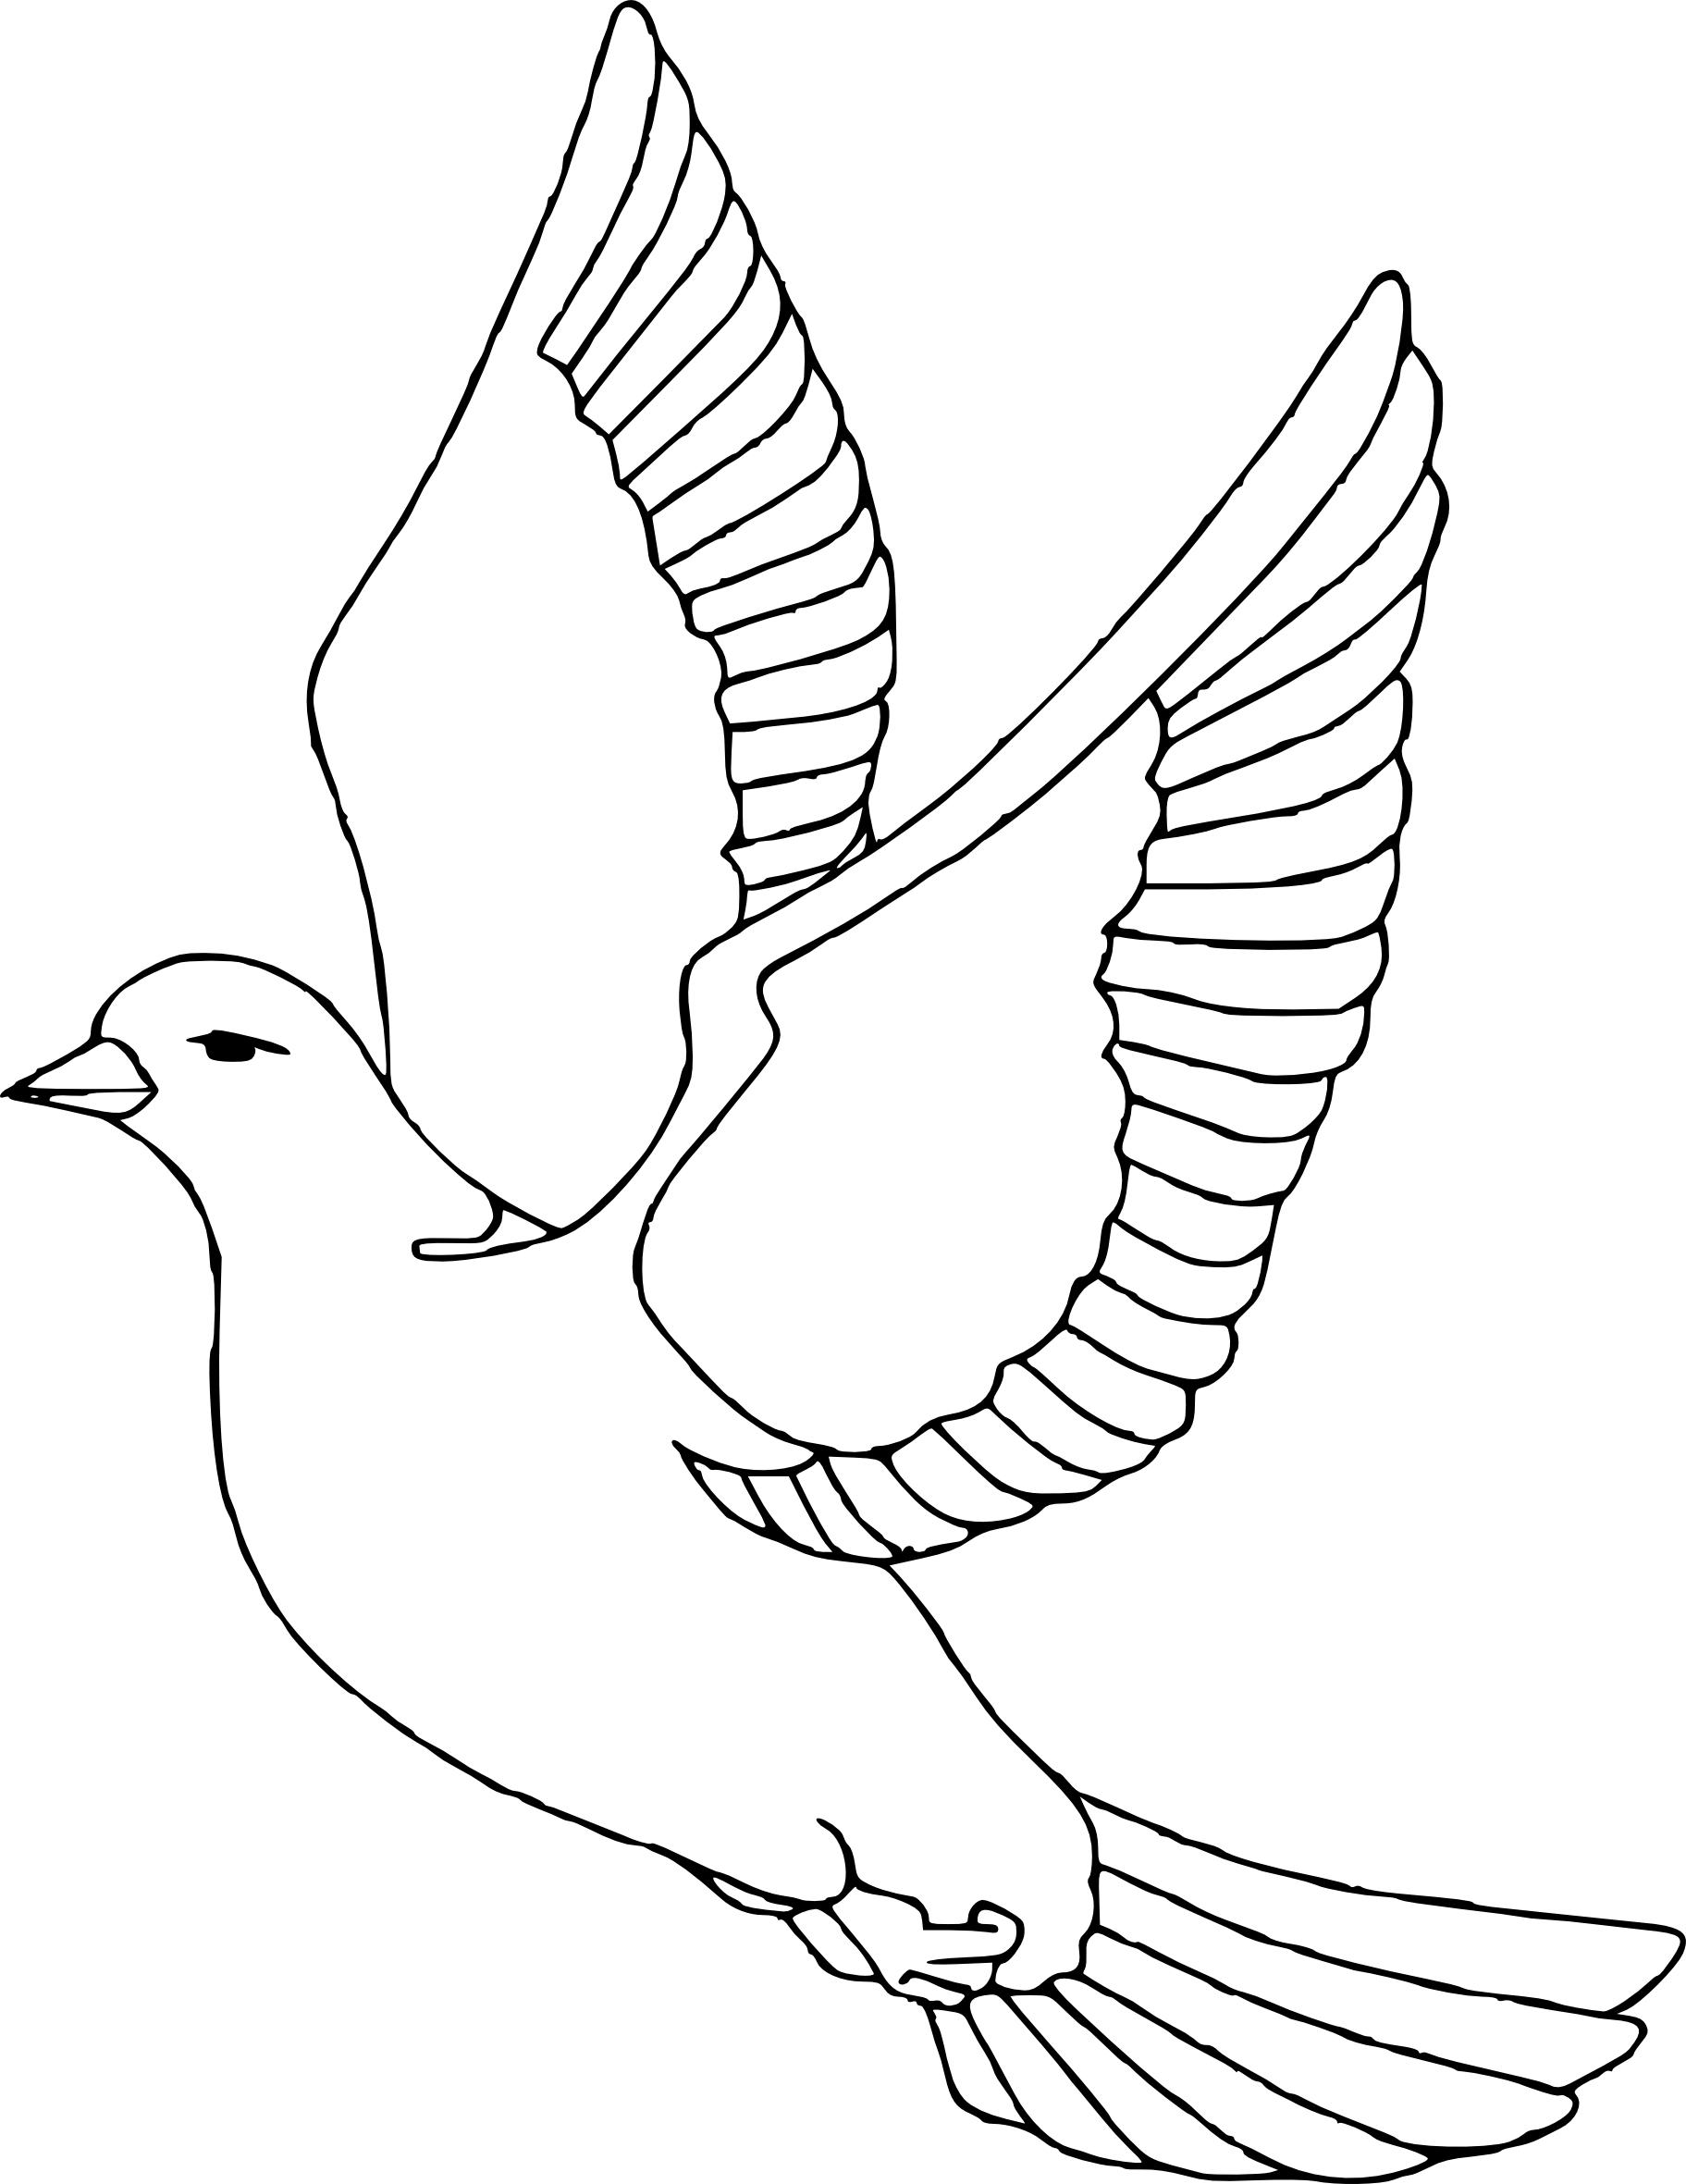 Coloriage la colombe oiseau imprimer et colorier - Coloriage colombe ...